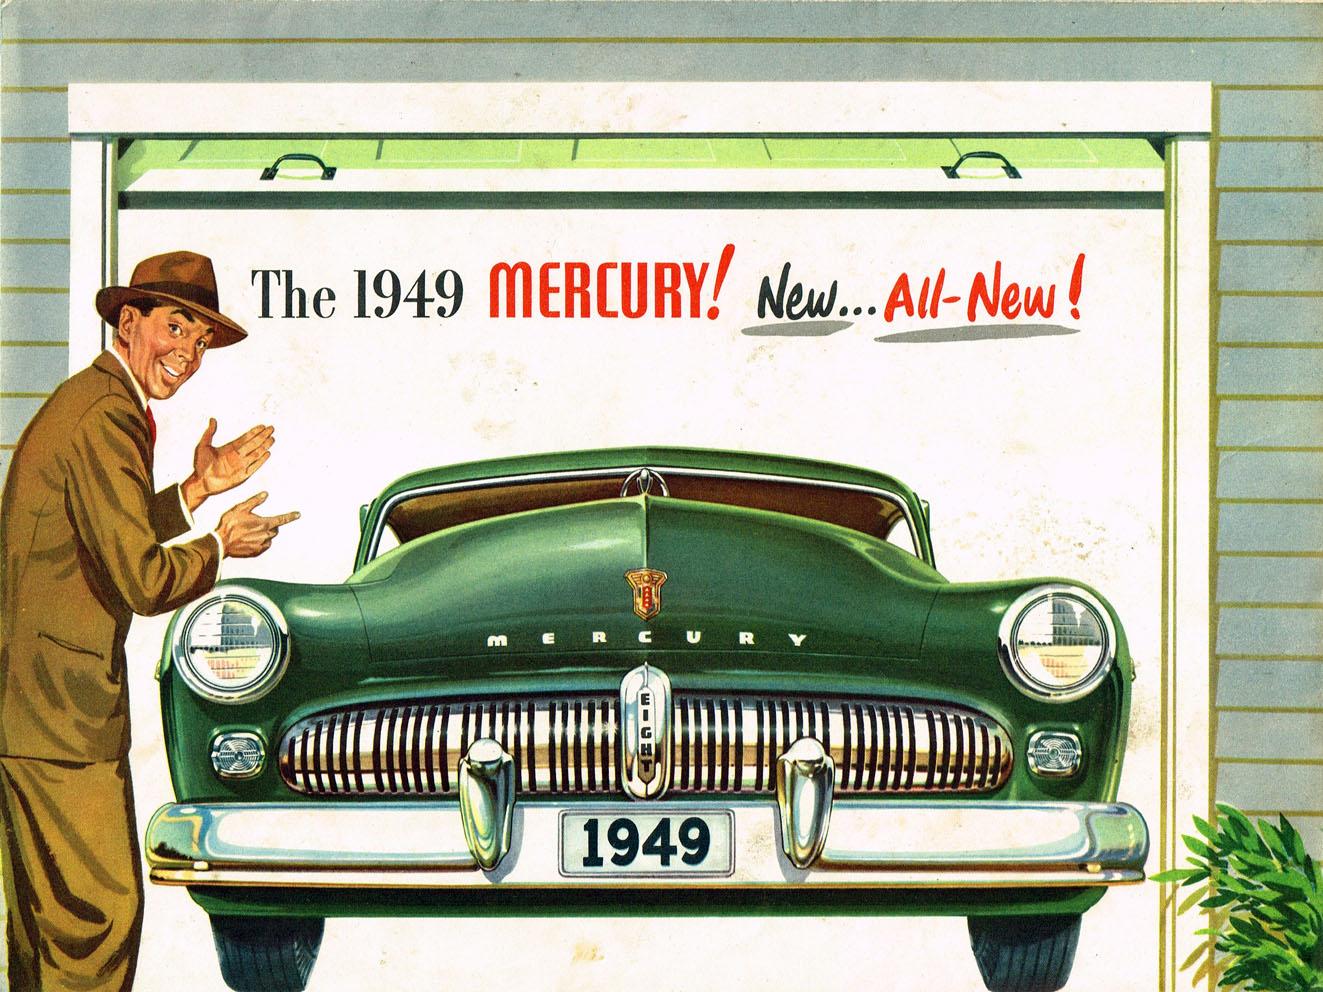 TunelRam_Mercury_1949 all new.jpg